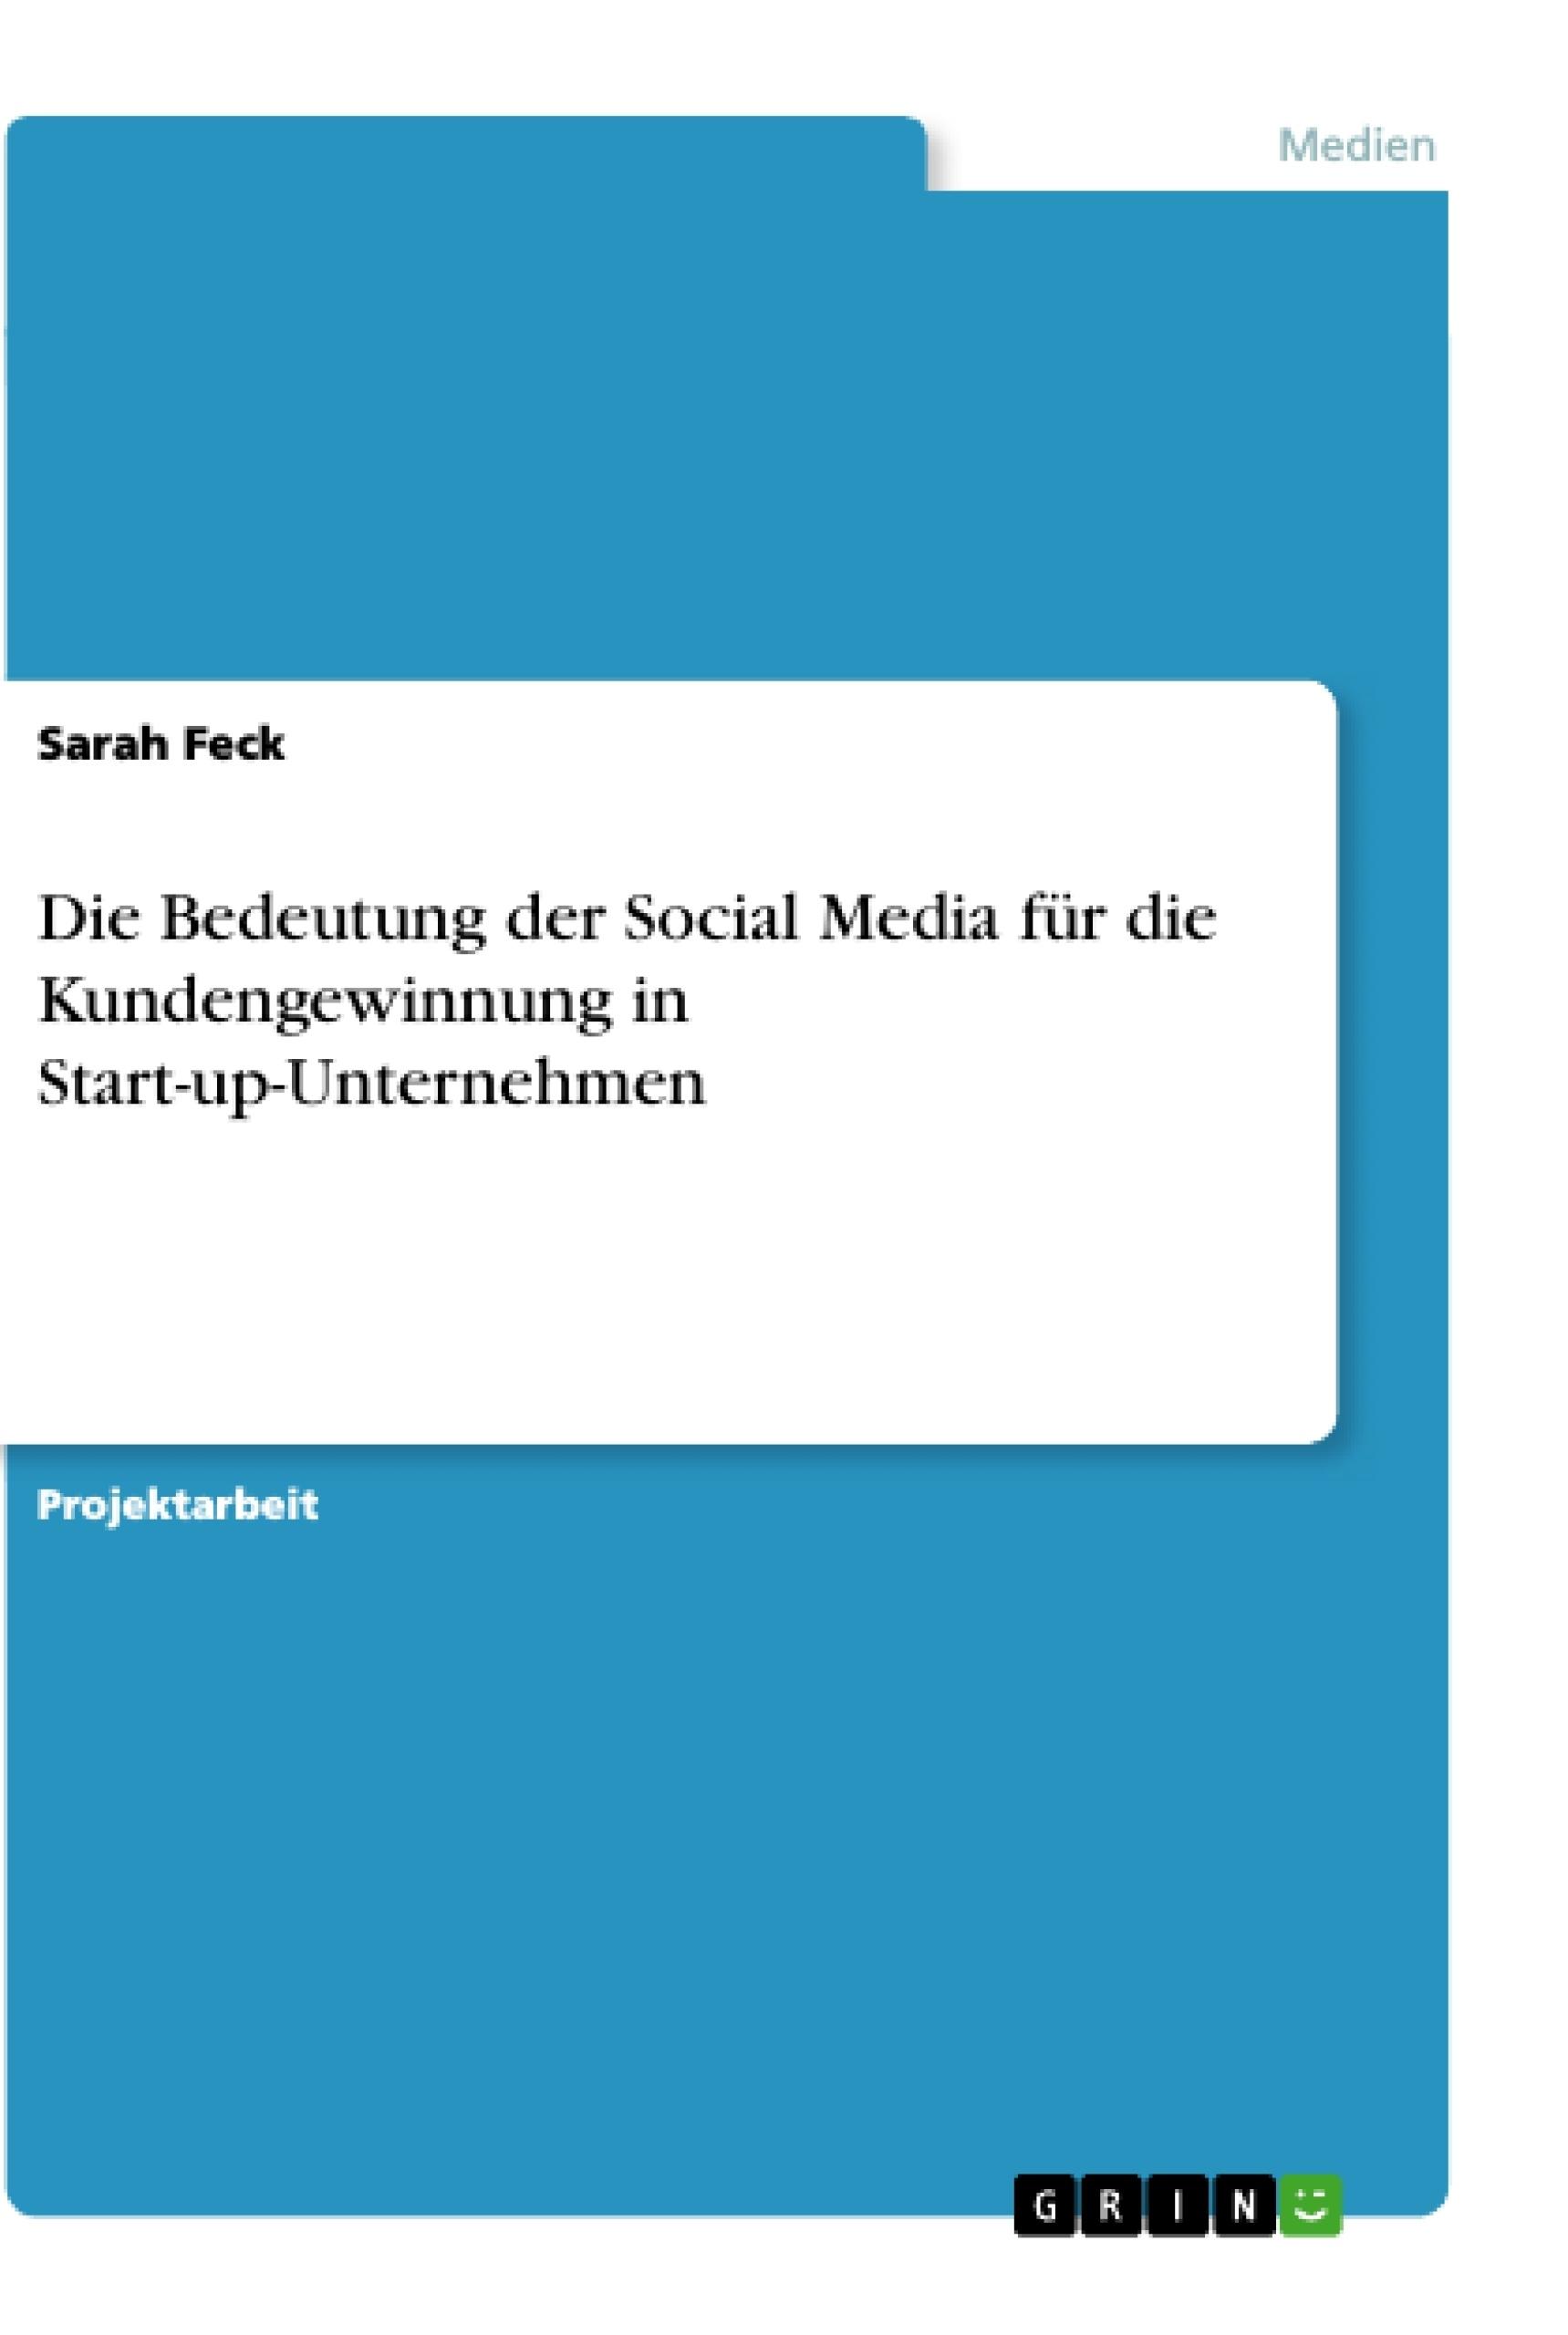 Titel: Die Bedeutung der Social Media für die Kundengewinnung in Start-up-Unternehmen